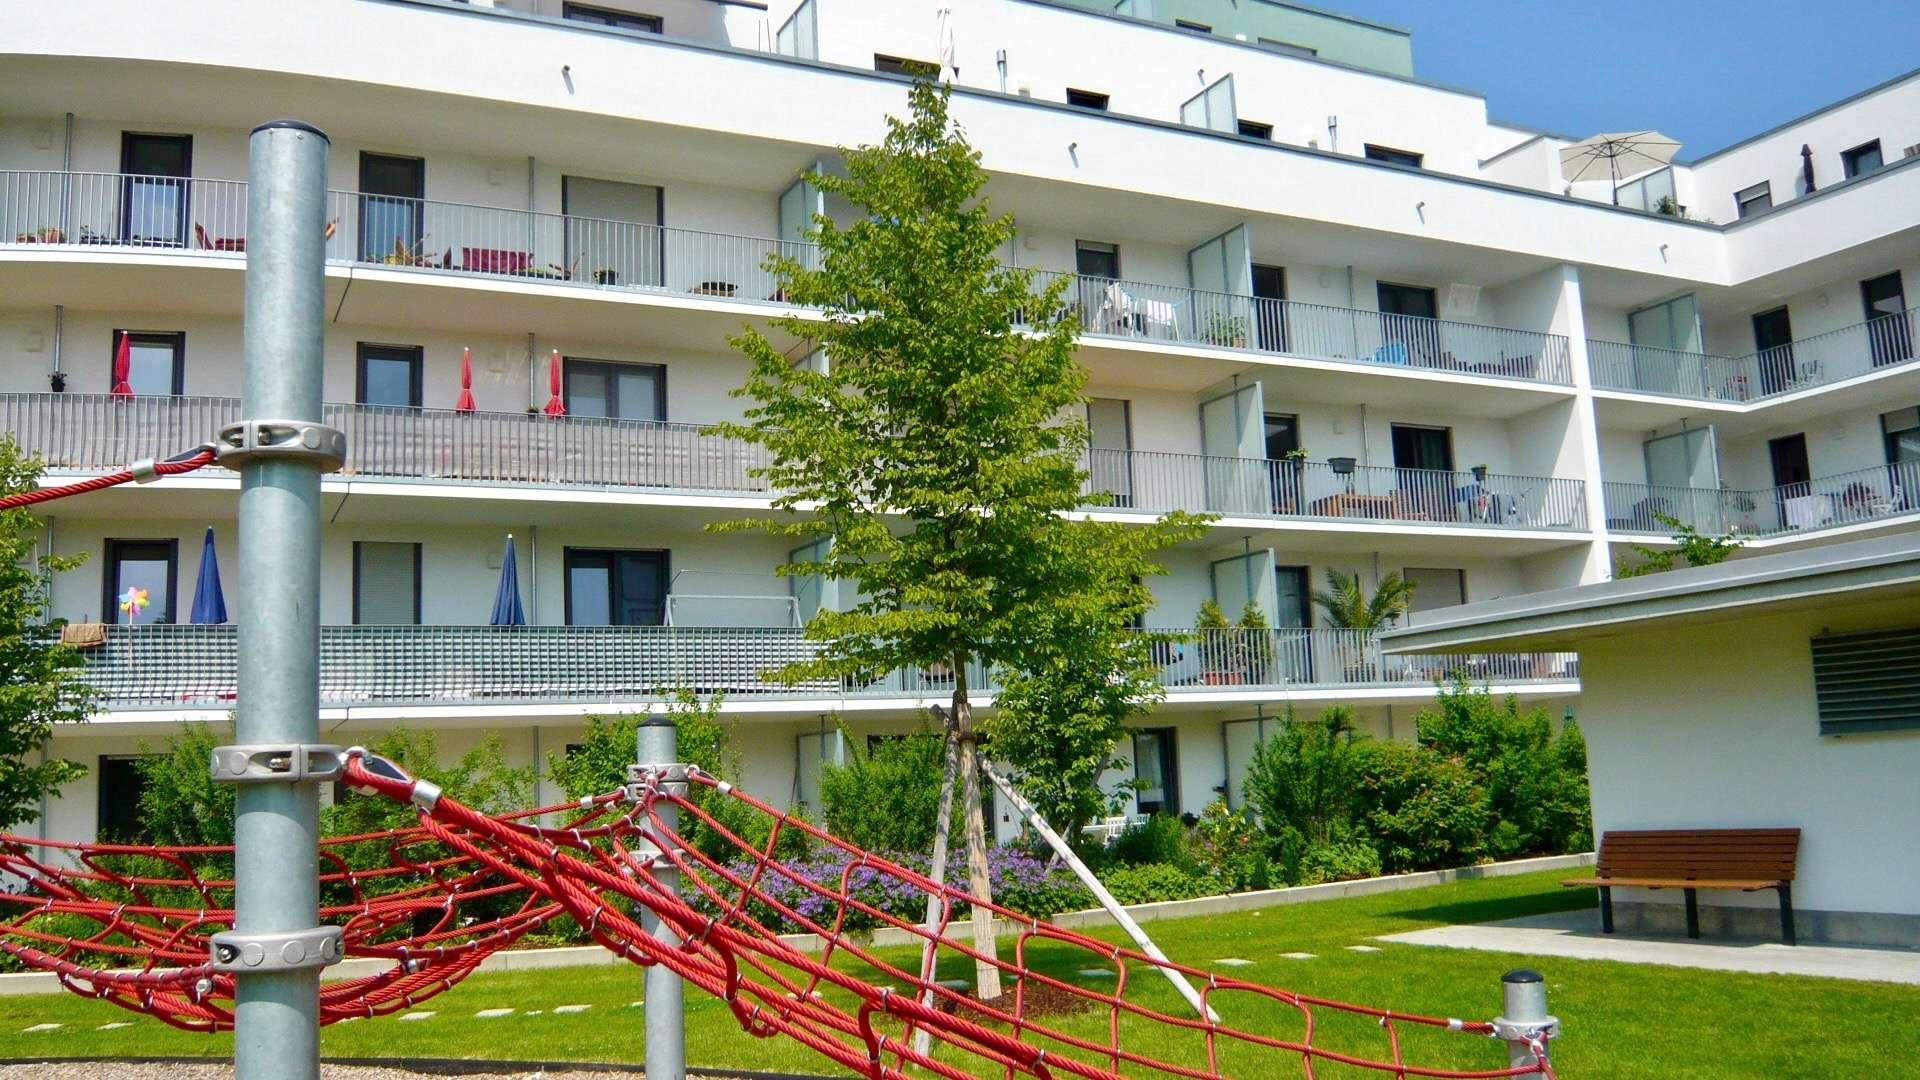 Laim - moderne Stadtwohnung in ruhiger Parklage 4. OG